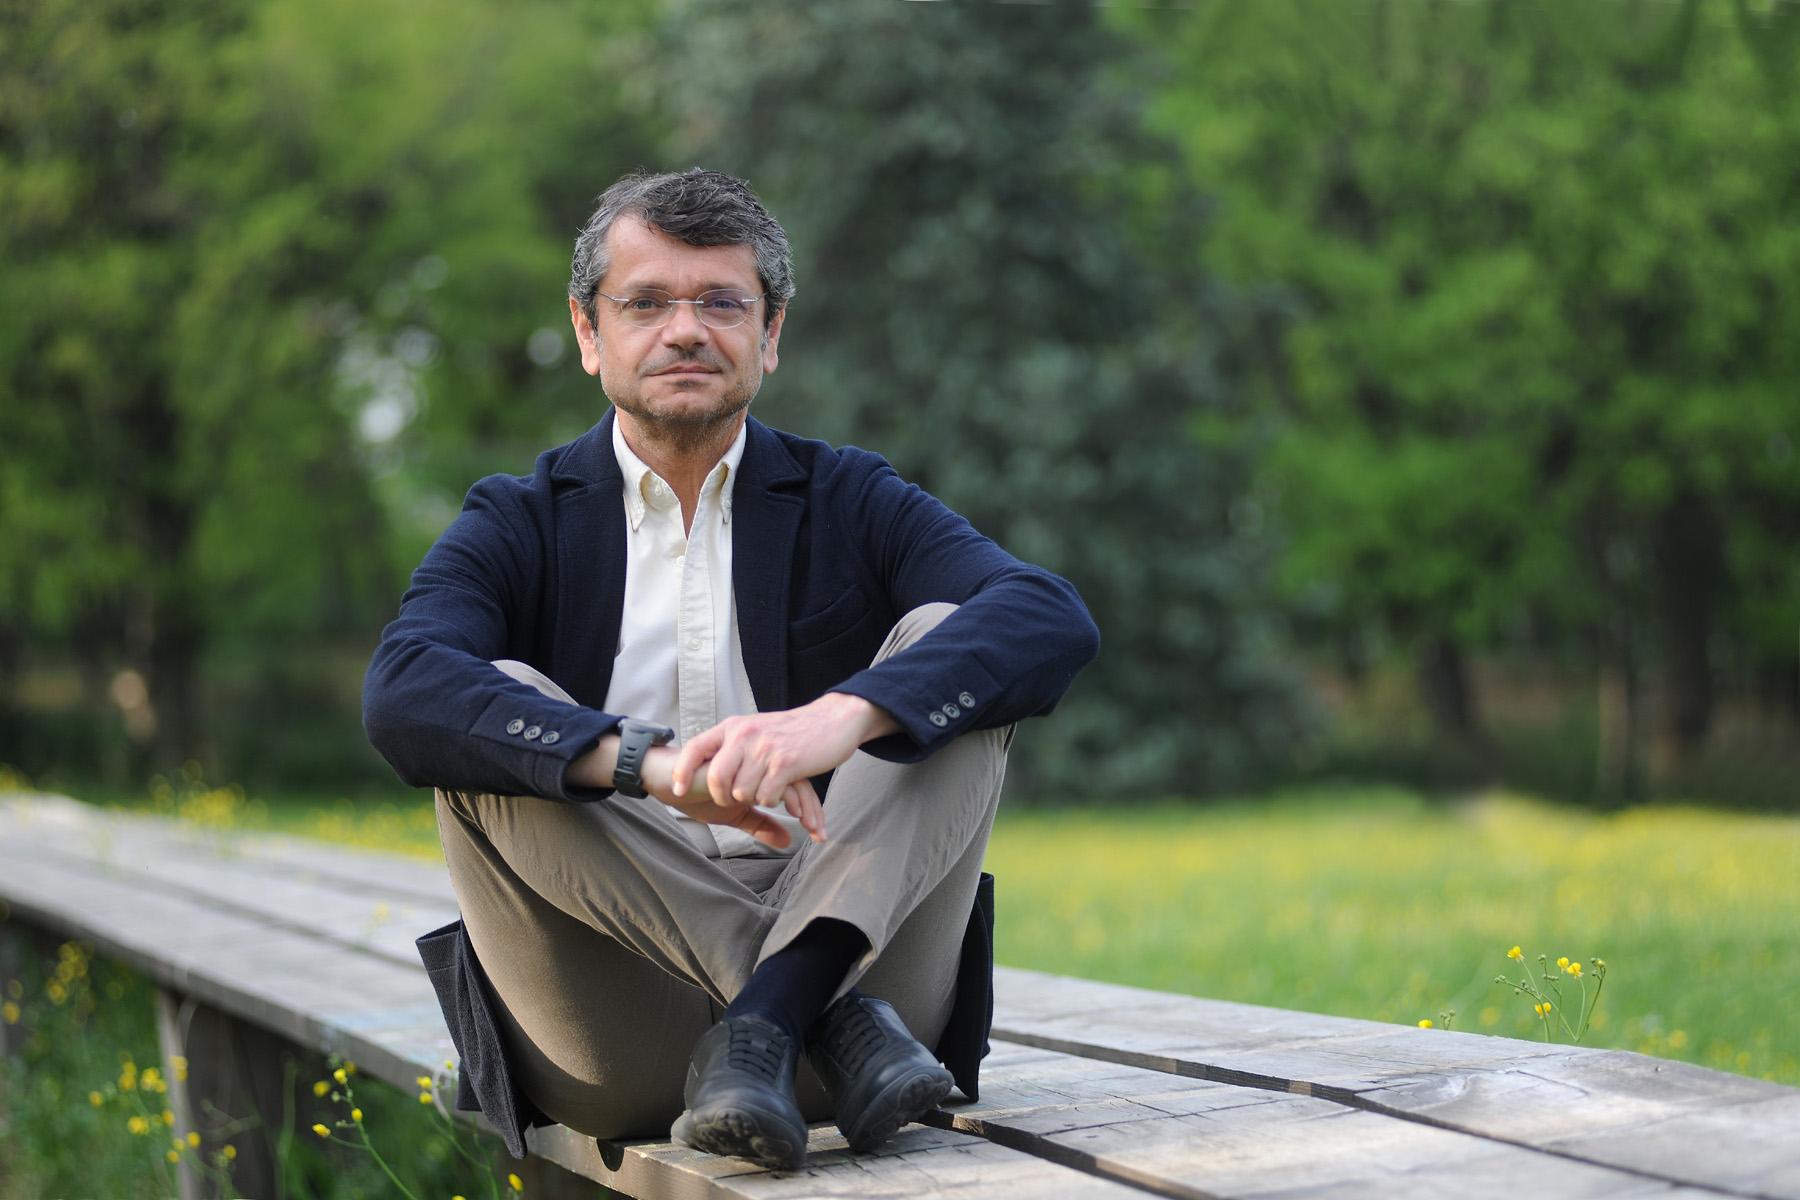 L'agronomo economista e autore Andrea Segrè - (Photo by Roberto Serra / Iguana Press)